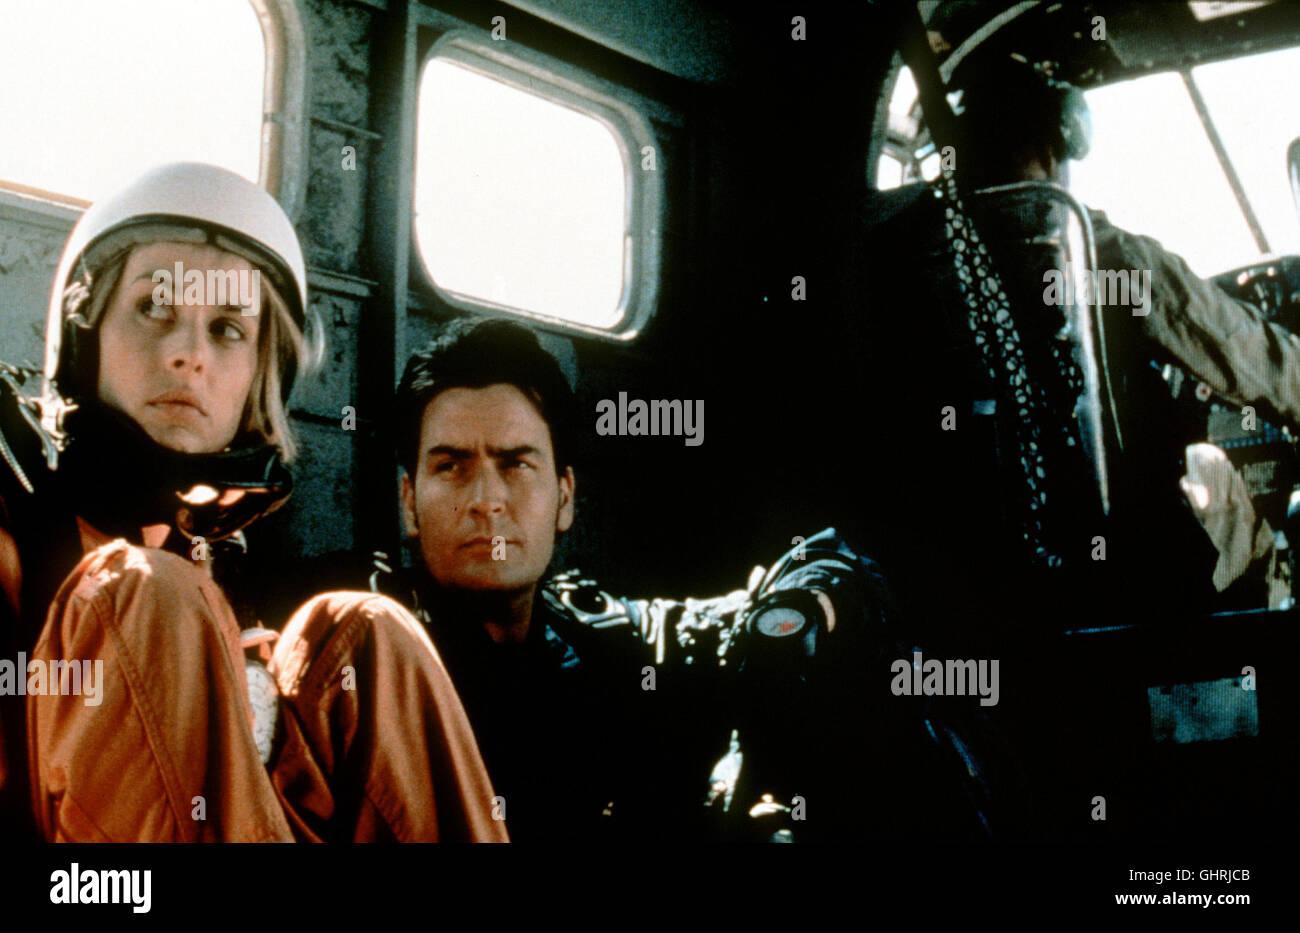 TÖDLICHE GESCHWINDIGKEIT - Die geheimnisvolle Schülerin Chris Morrow(NASTASSJA KINSKI) des Fallschirm - Stock Image